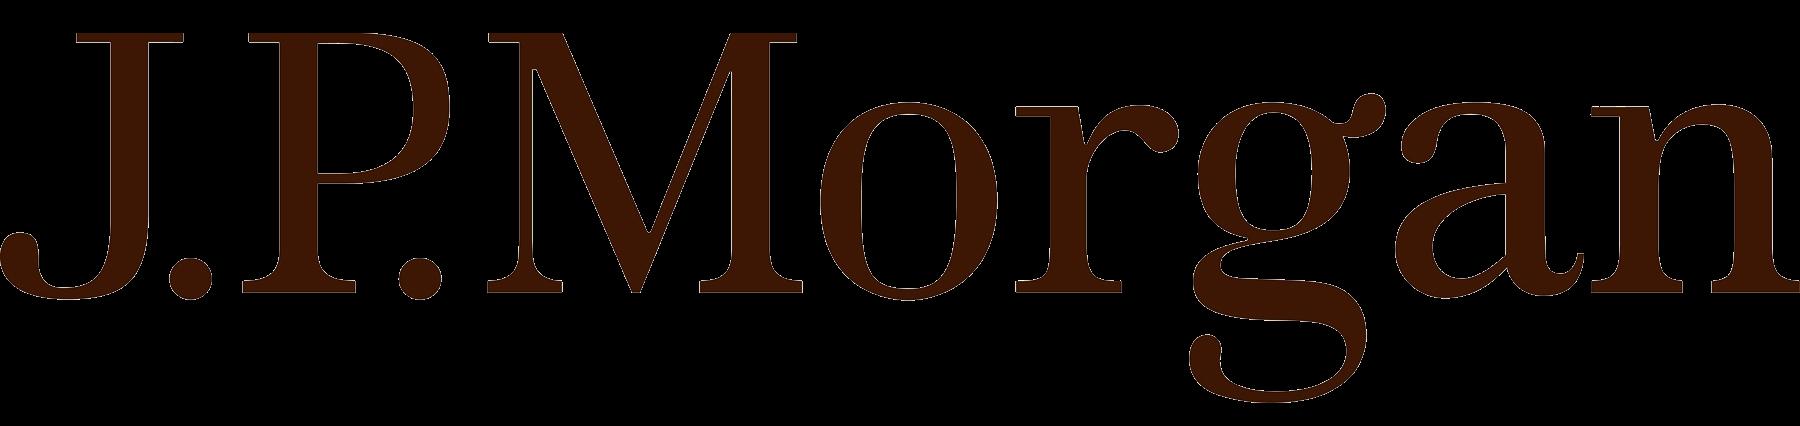 JP-Morgan-logo